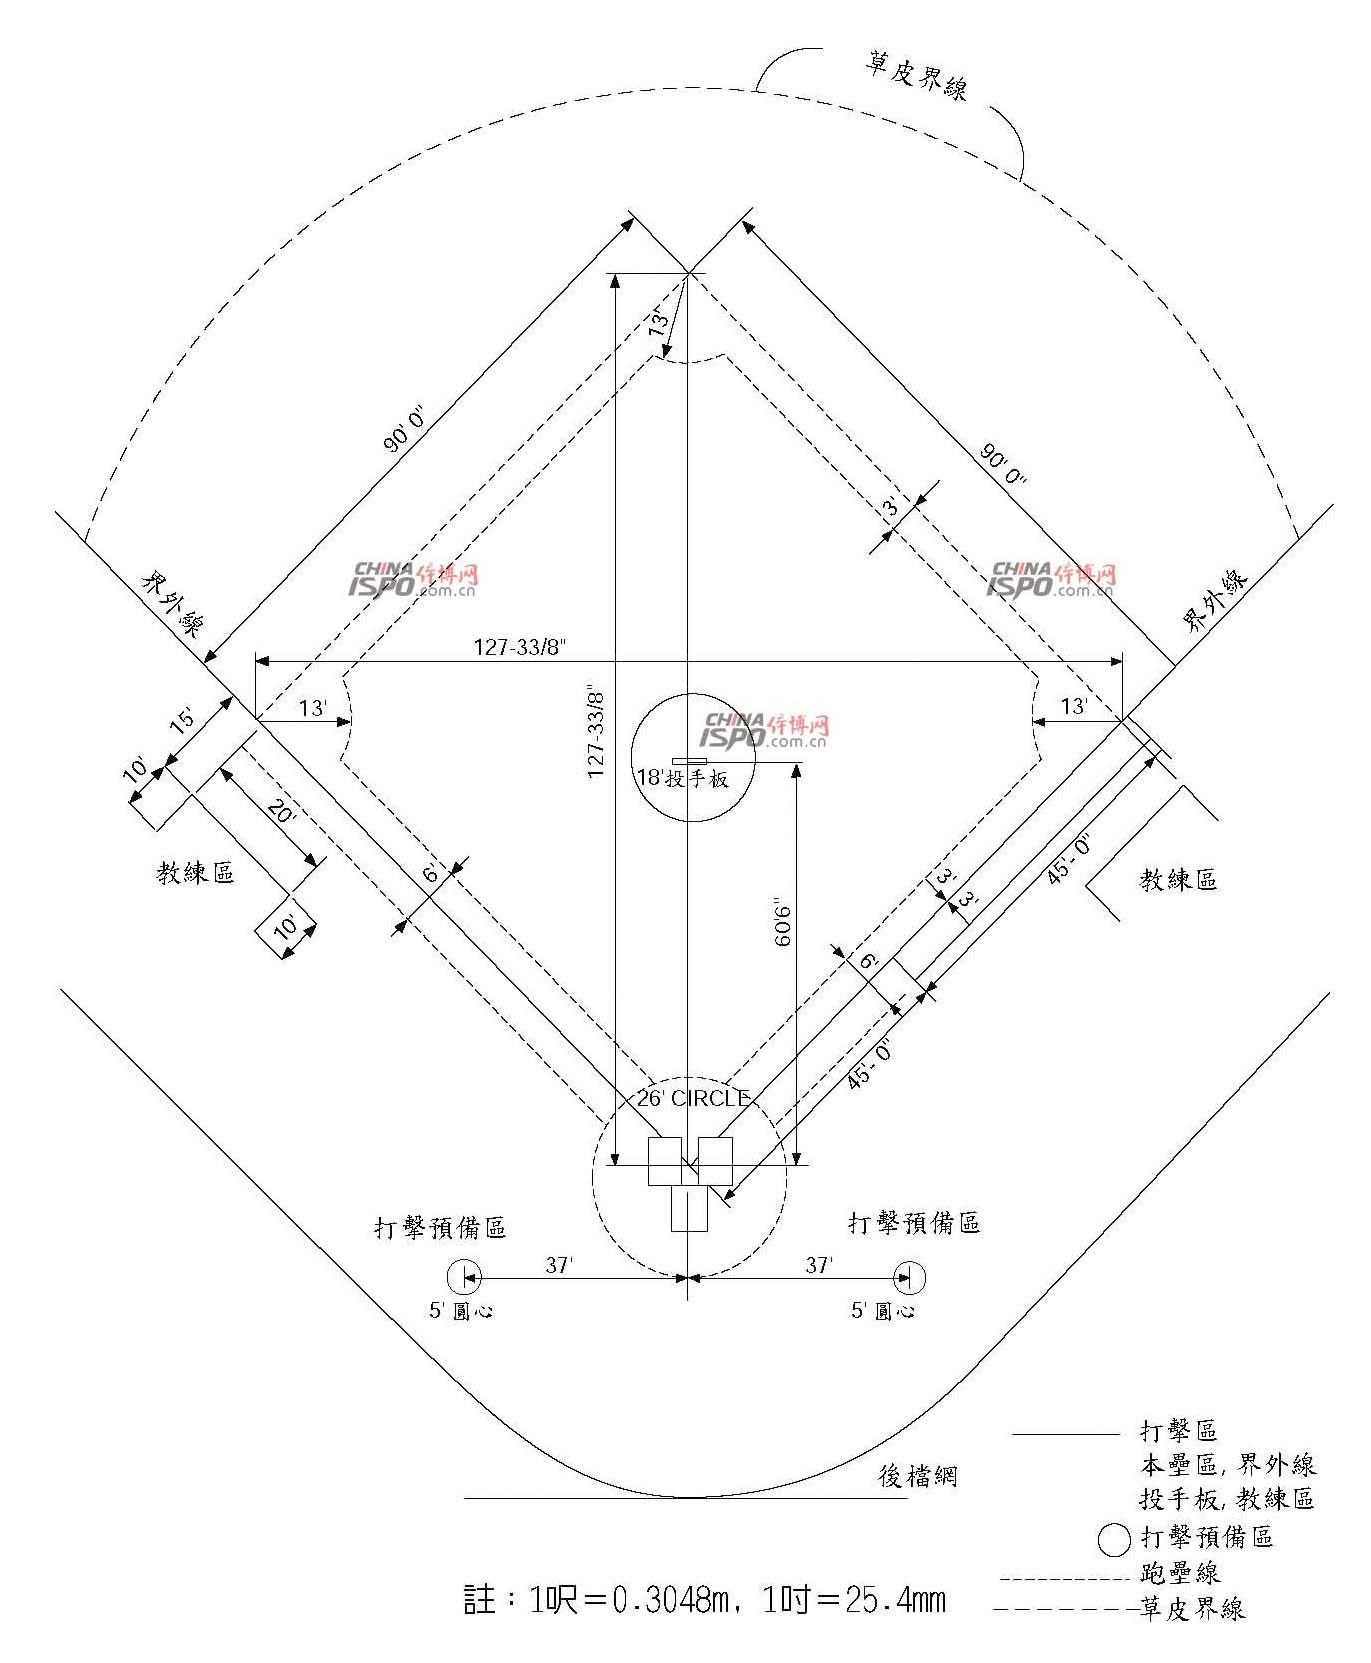 图1 棒球场内野布置图—1